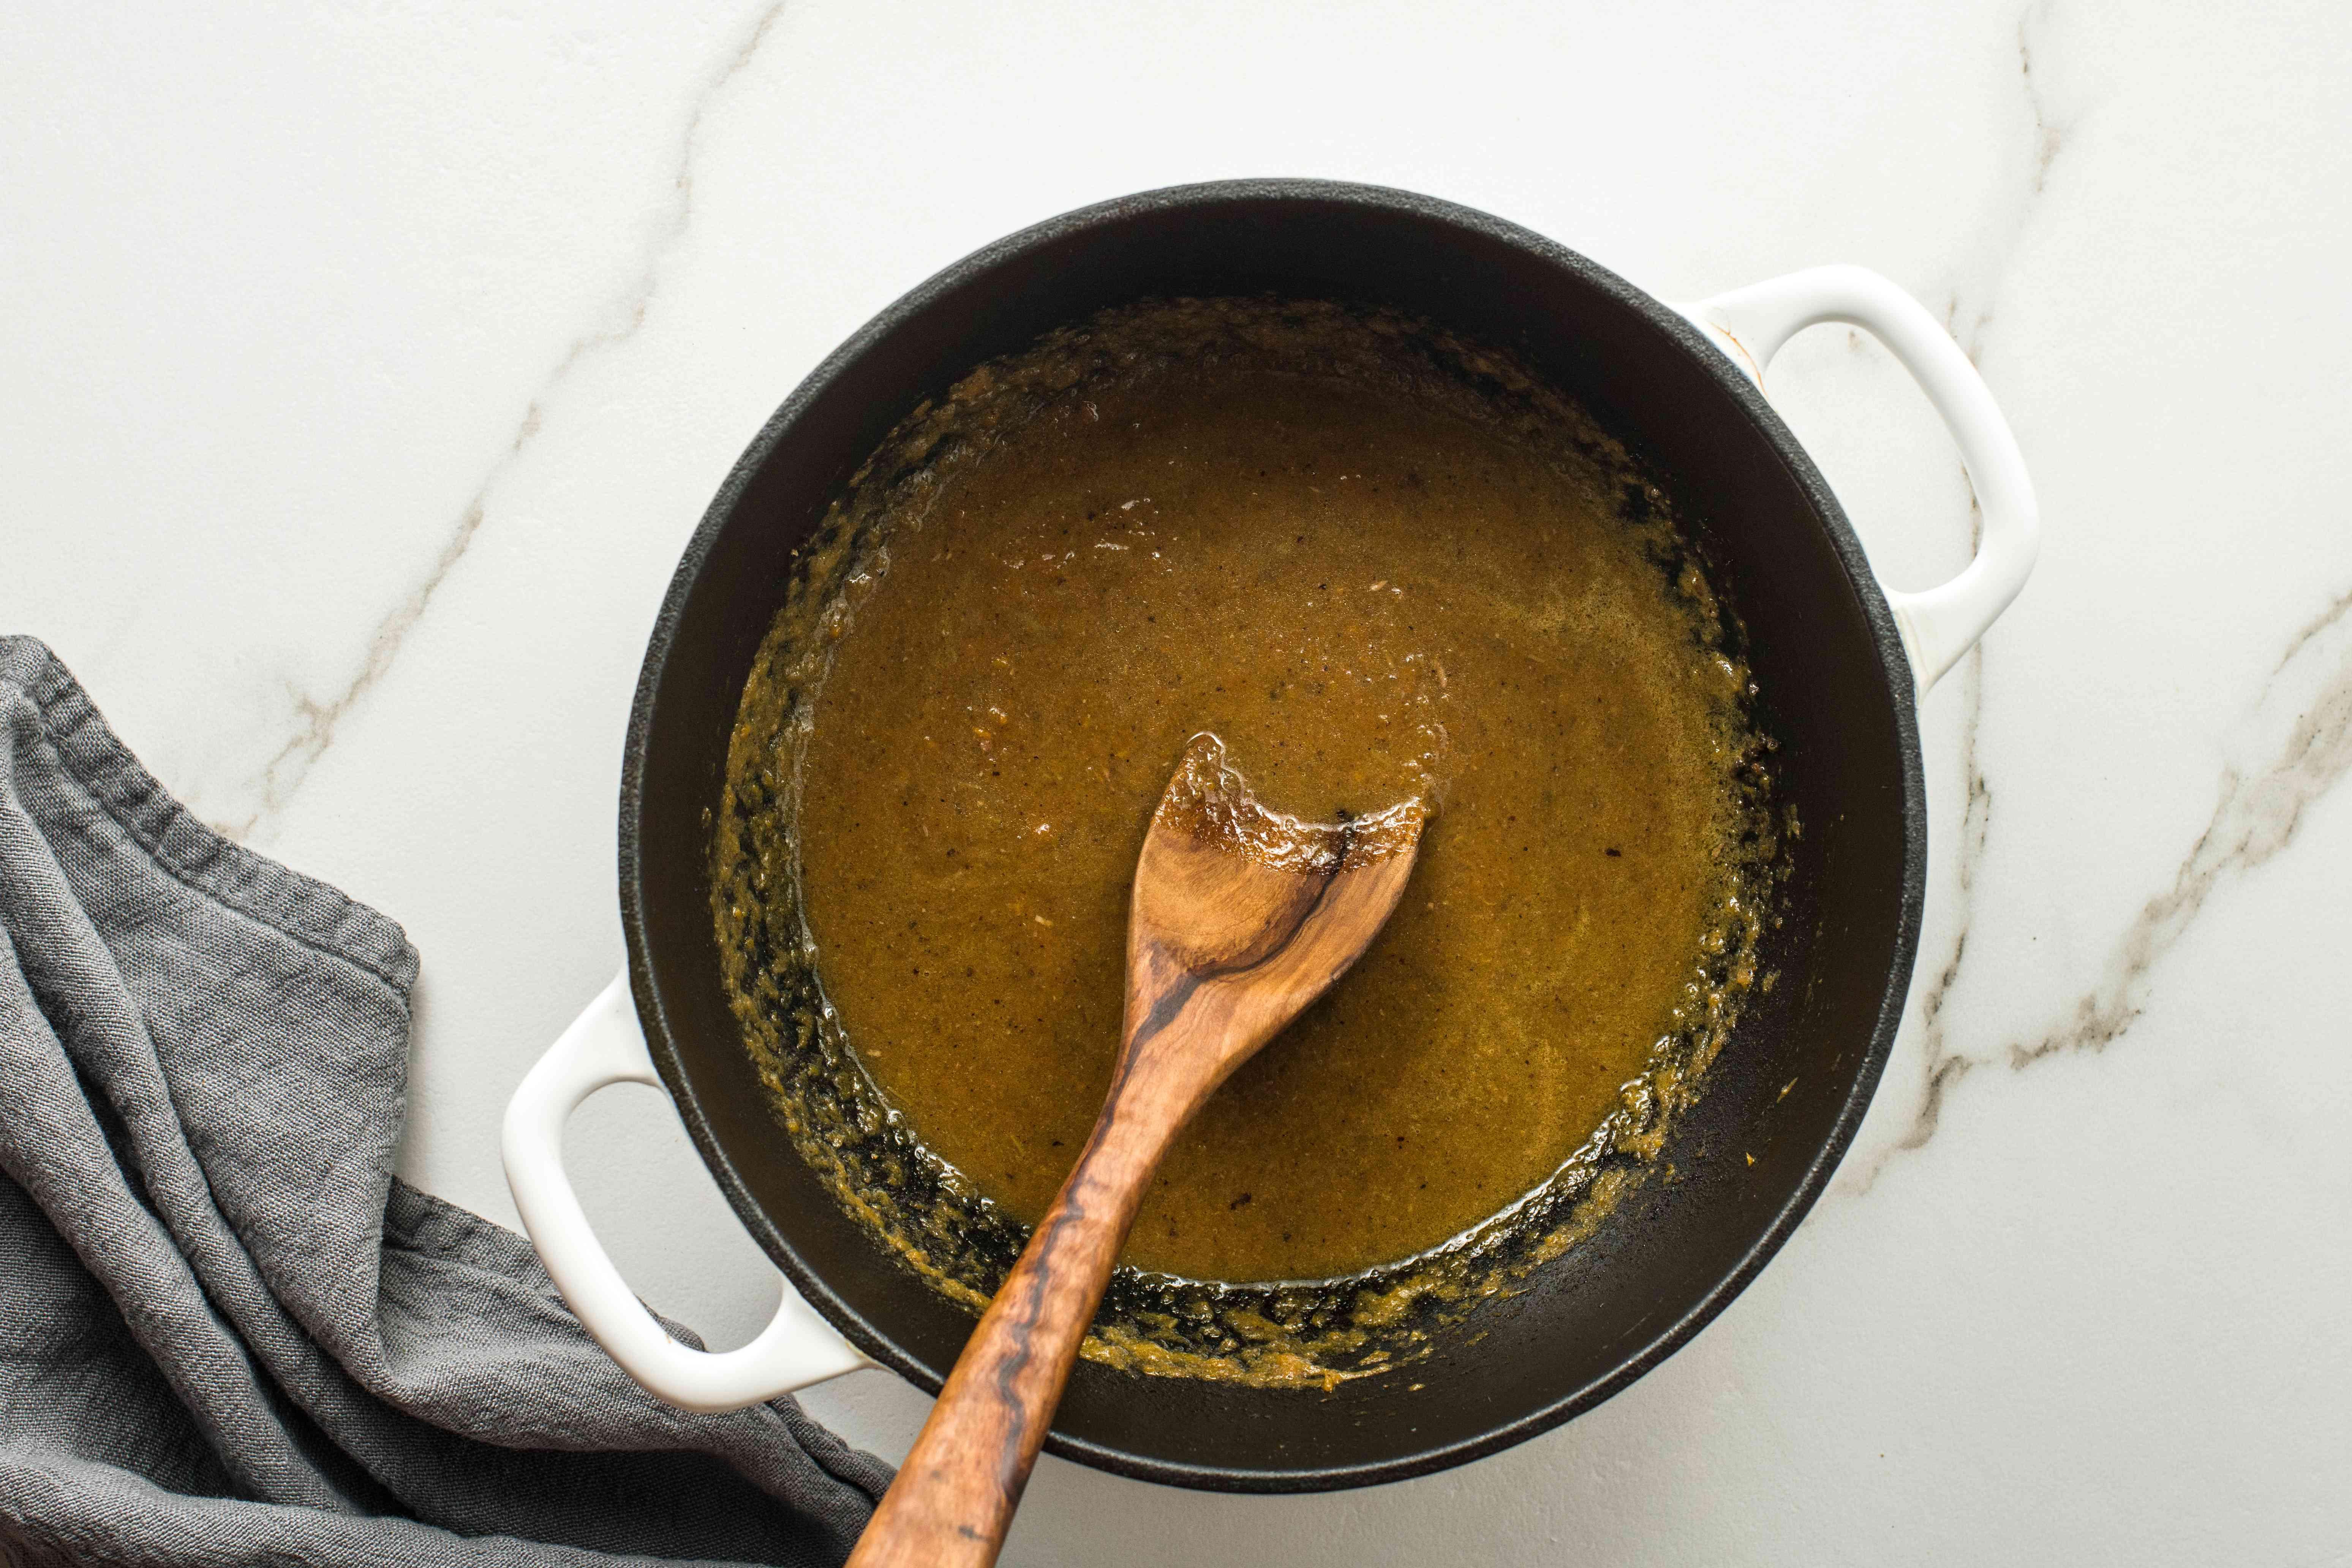 Puree sauce